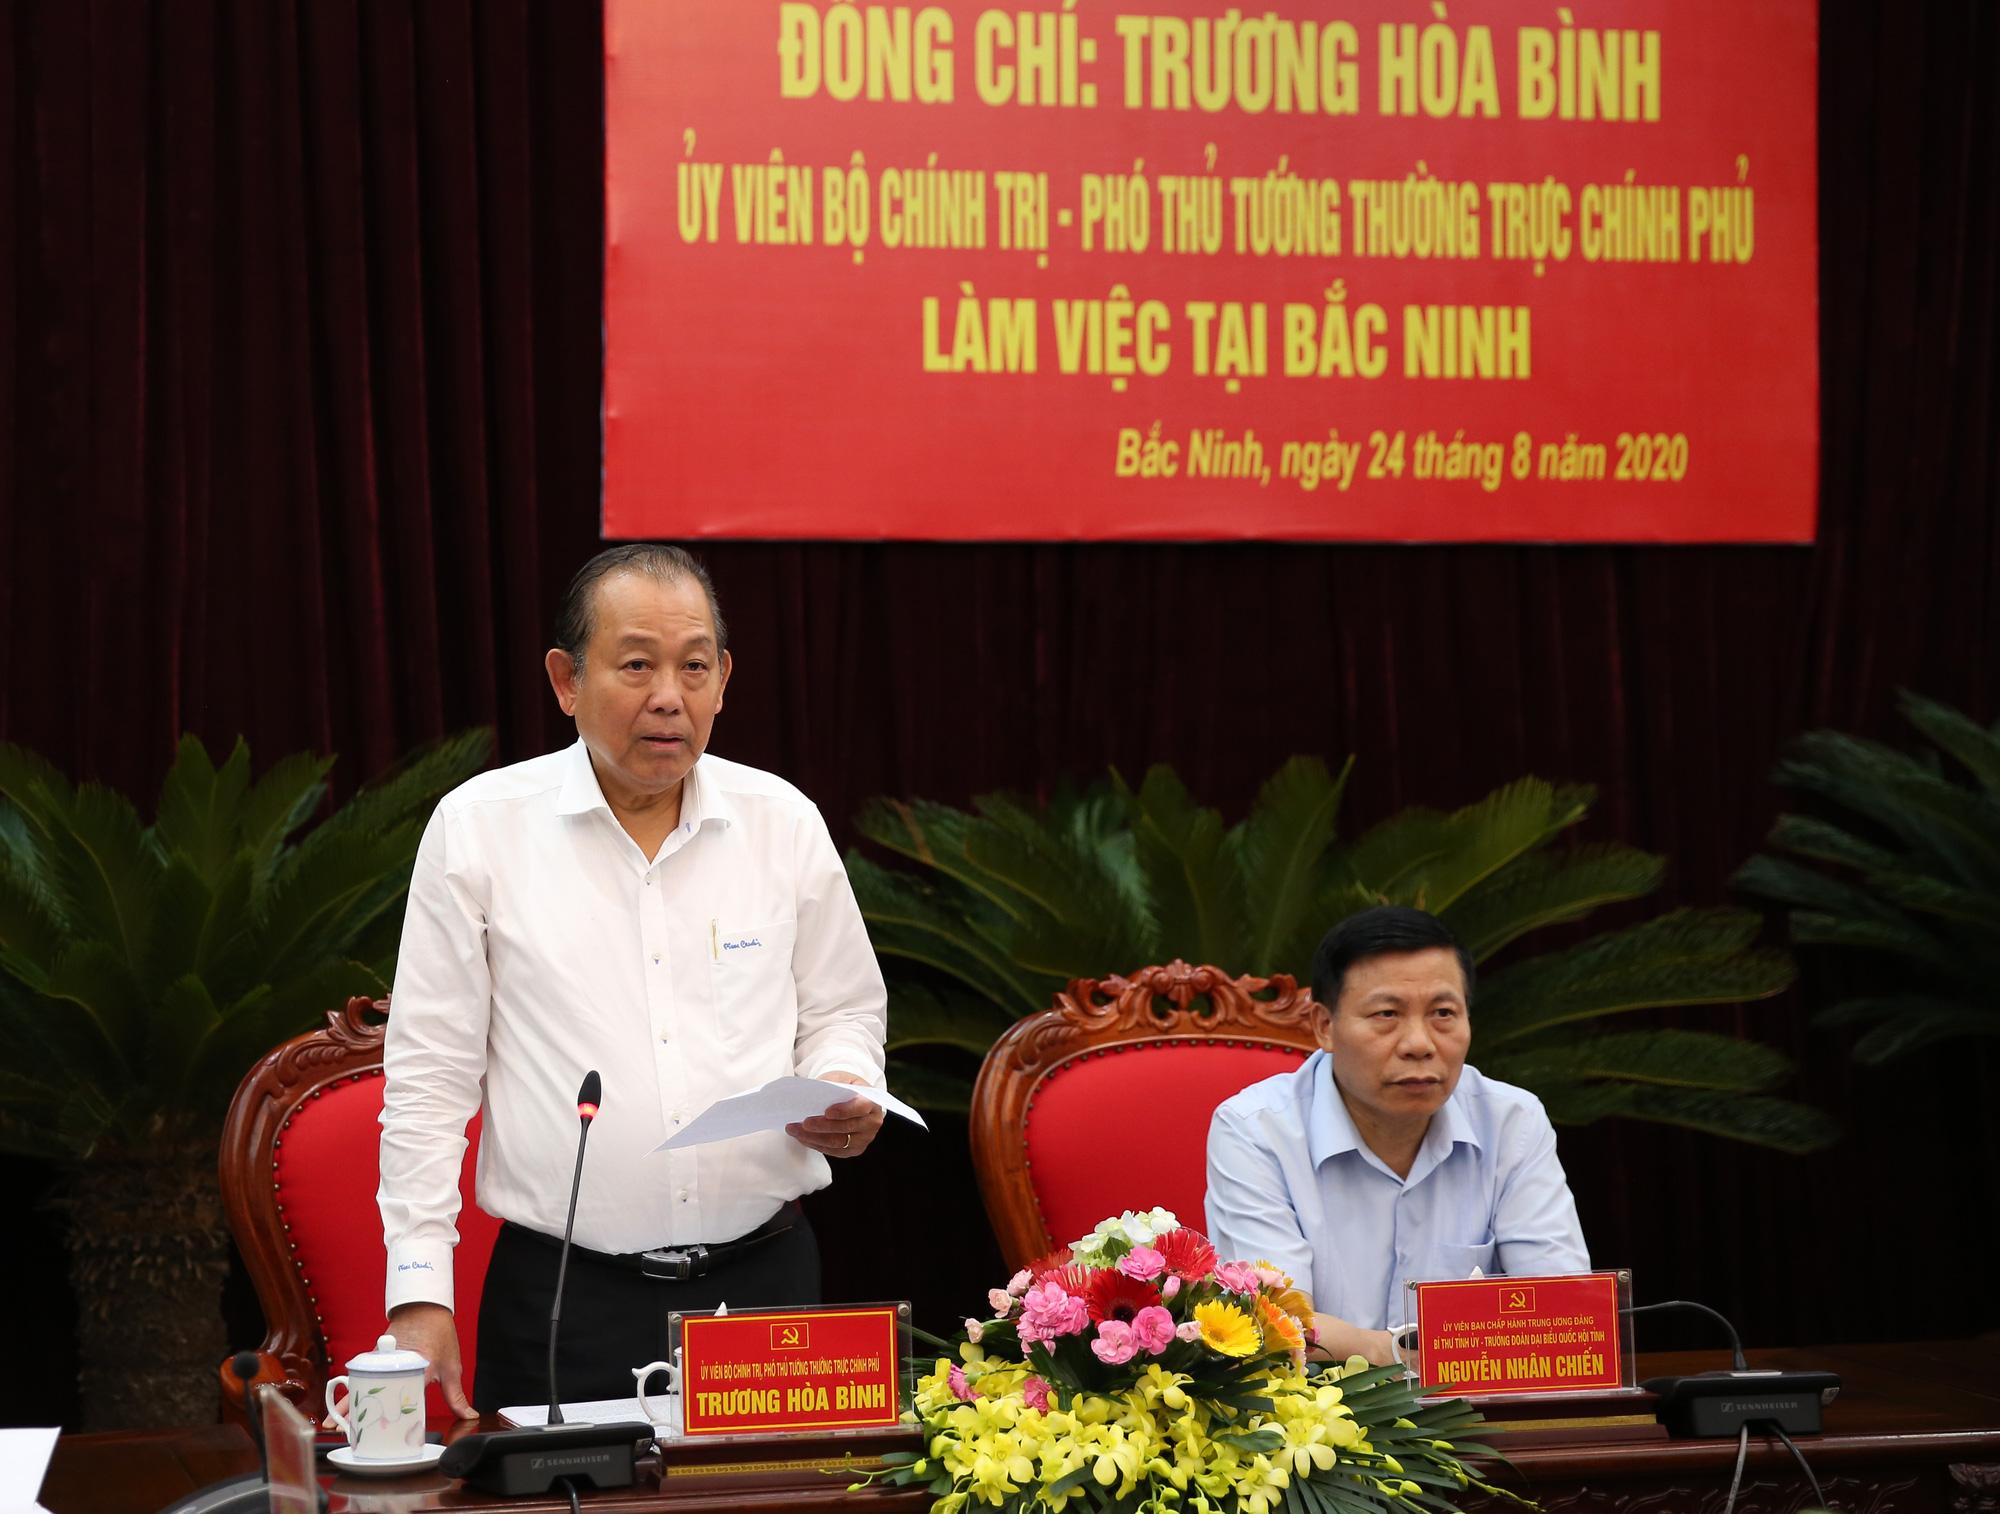 Làm việc với tỉnh Bắc Ninh về giải ngân vốn đầu tư công, Phó Thủ tướng Trương Hòa Bình giao 7 nhiệm vụ trọng tâm - Ảnh 1.